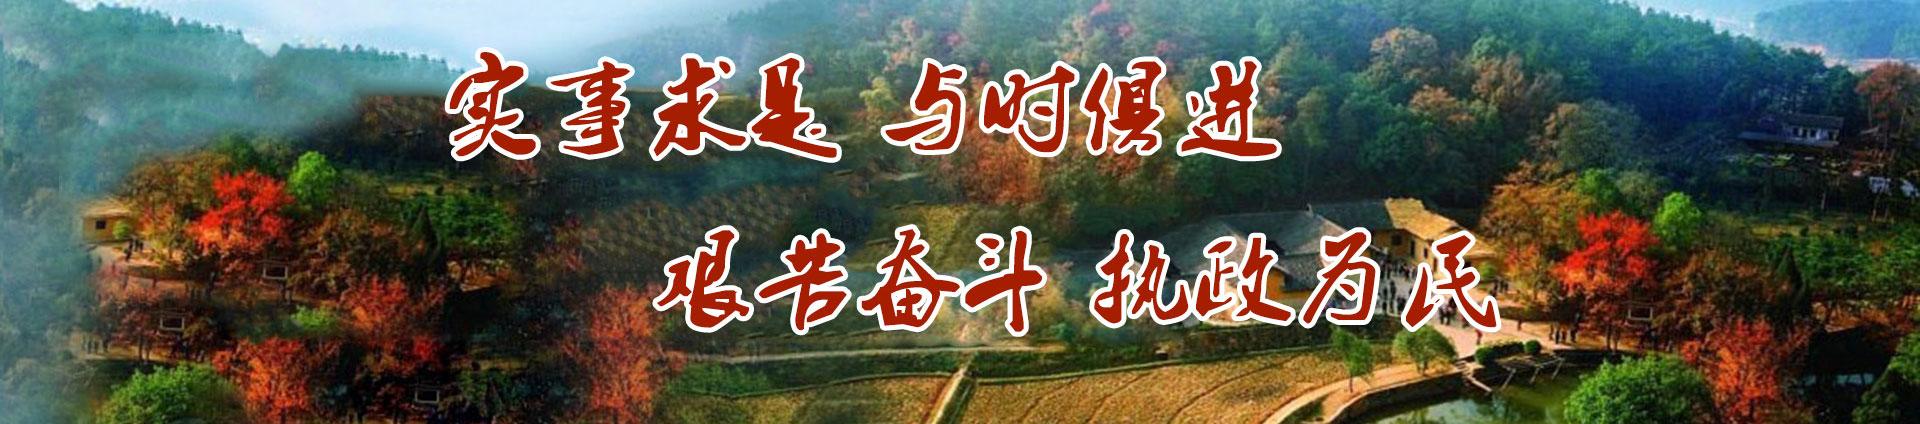 韶山市昭鹏红色文化培训中心党性教育培训